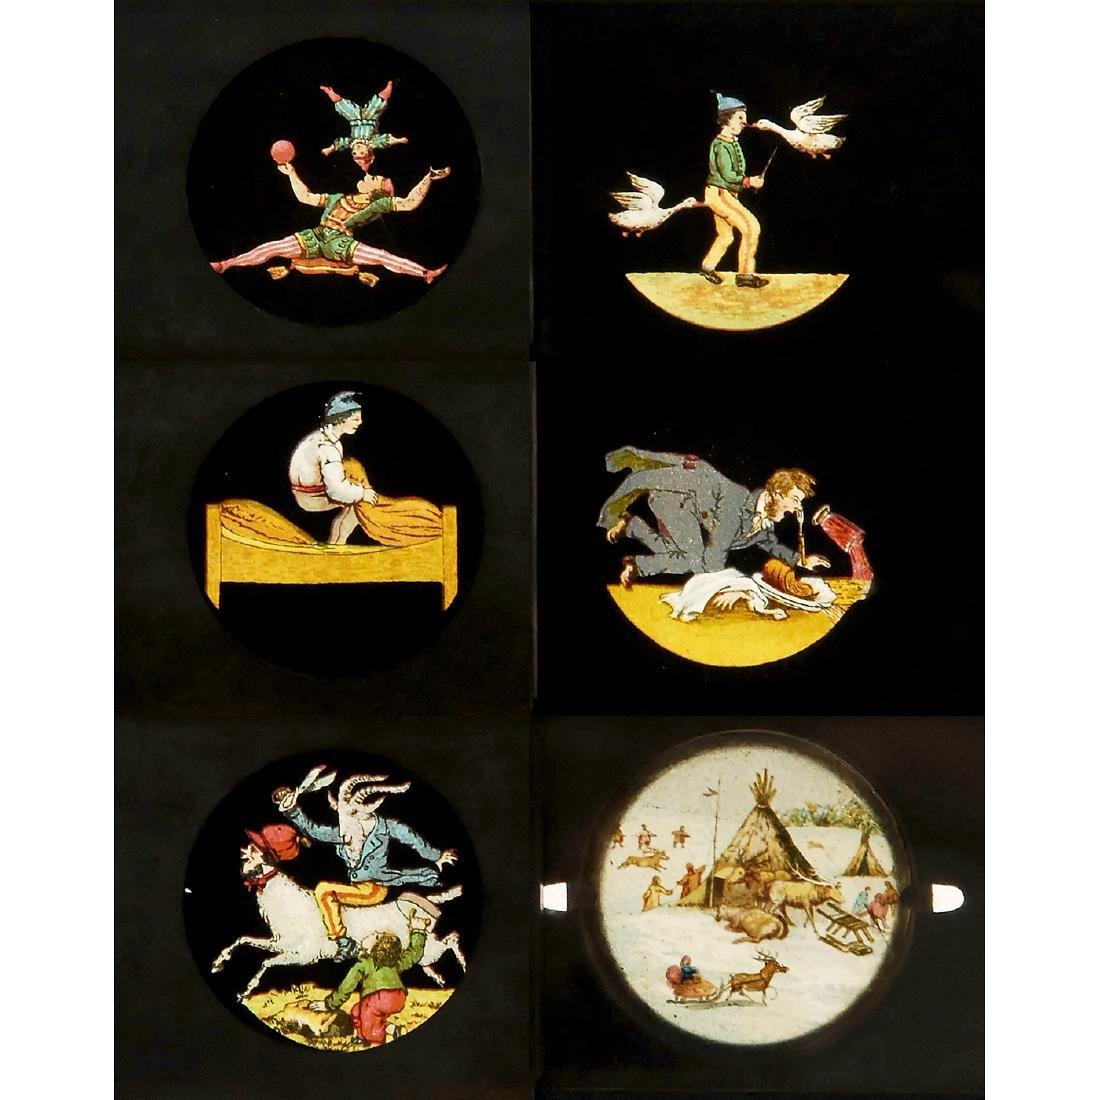 Lot of Magic Lantern Slides, c. 1880-1900 - 3